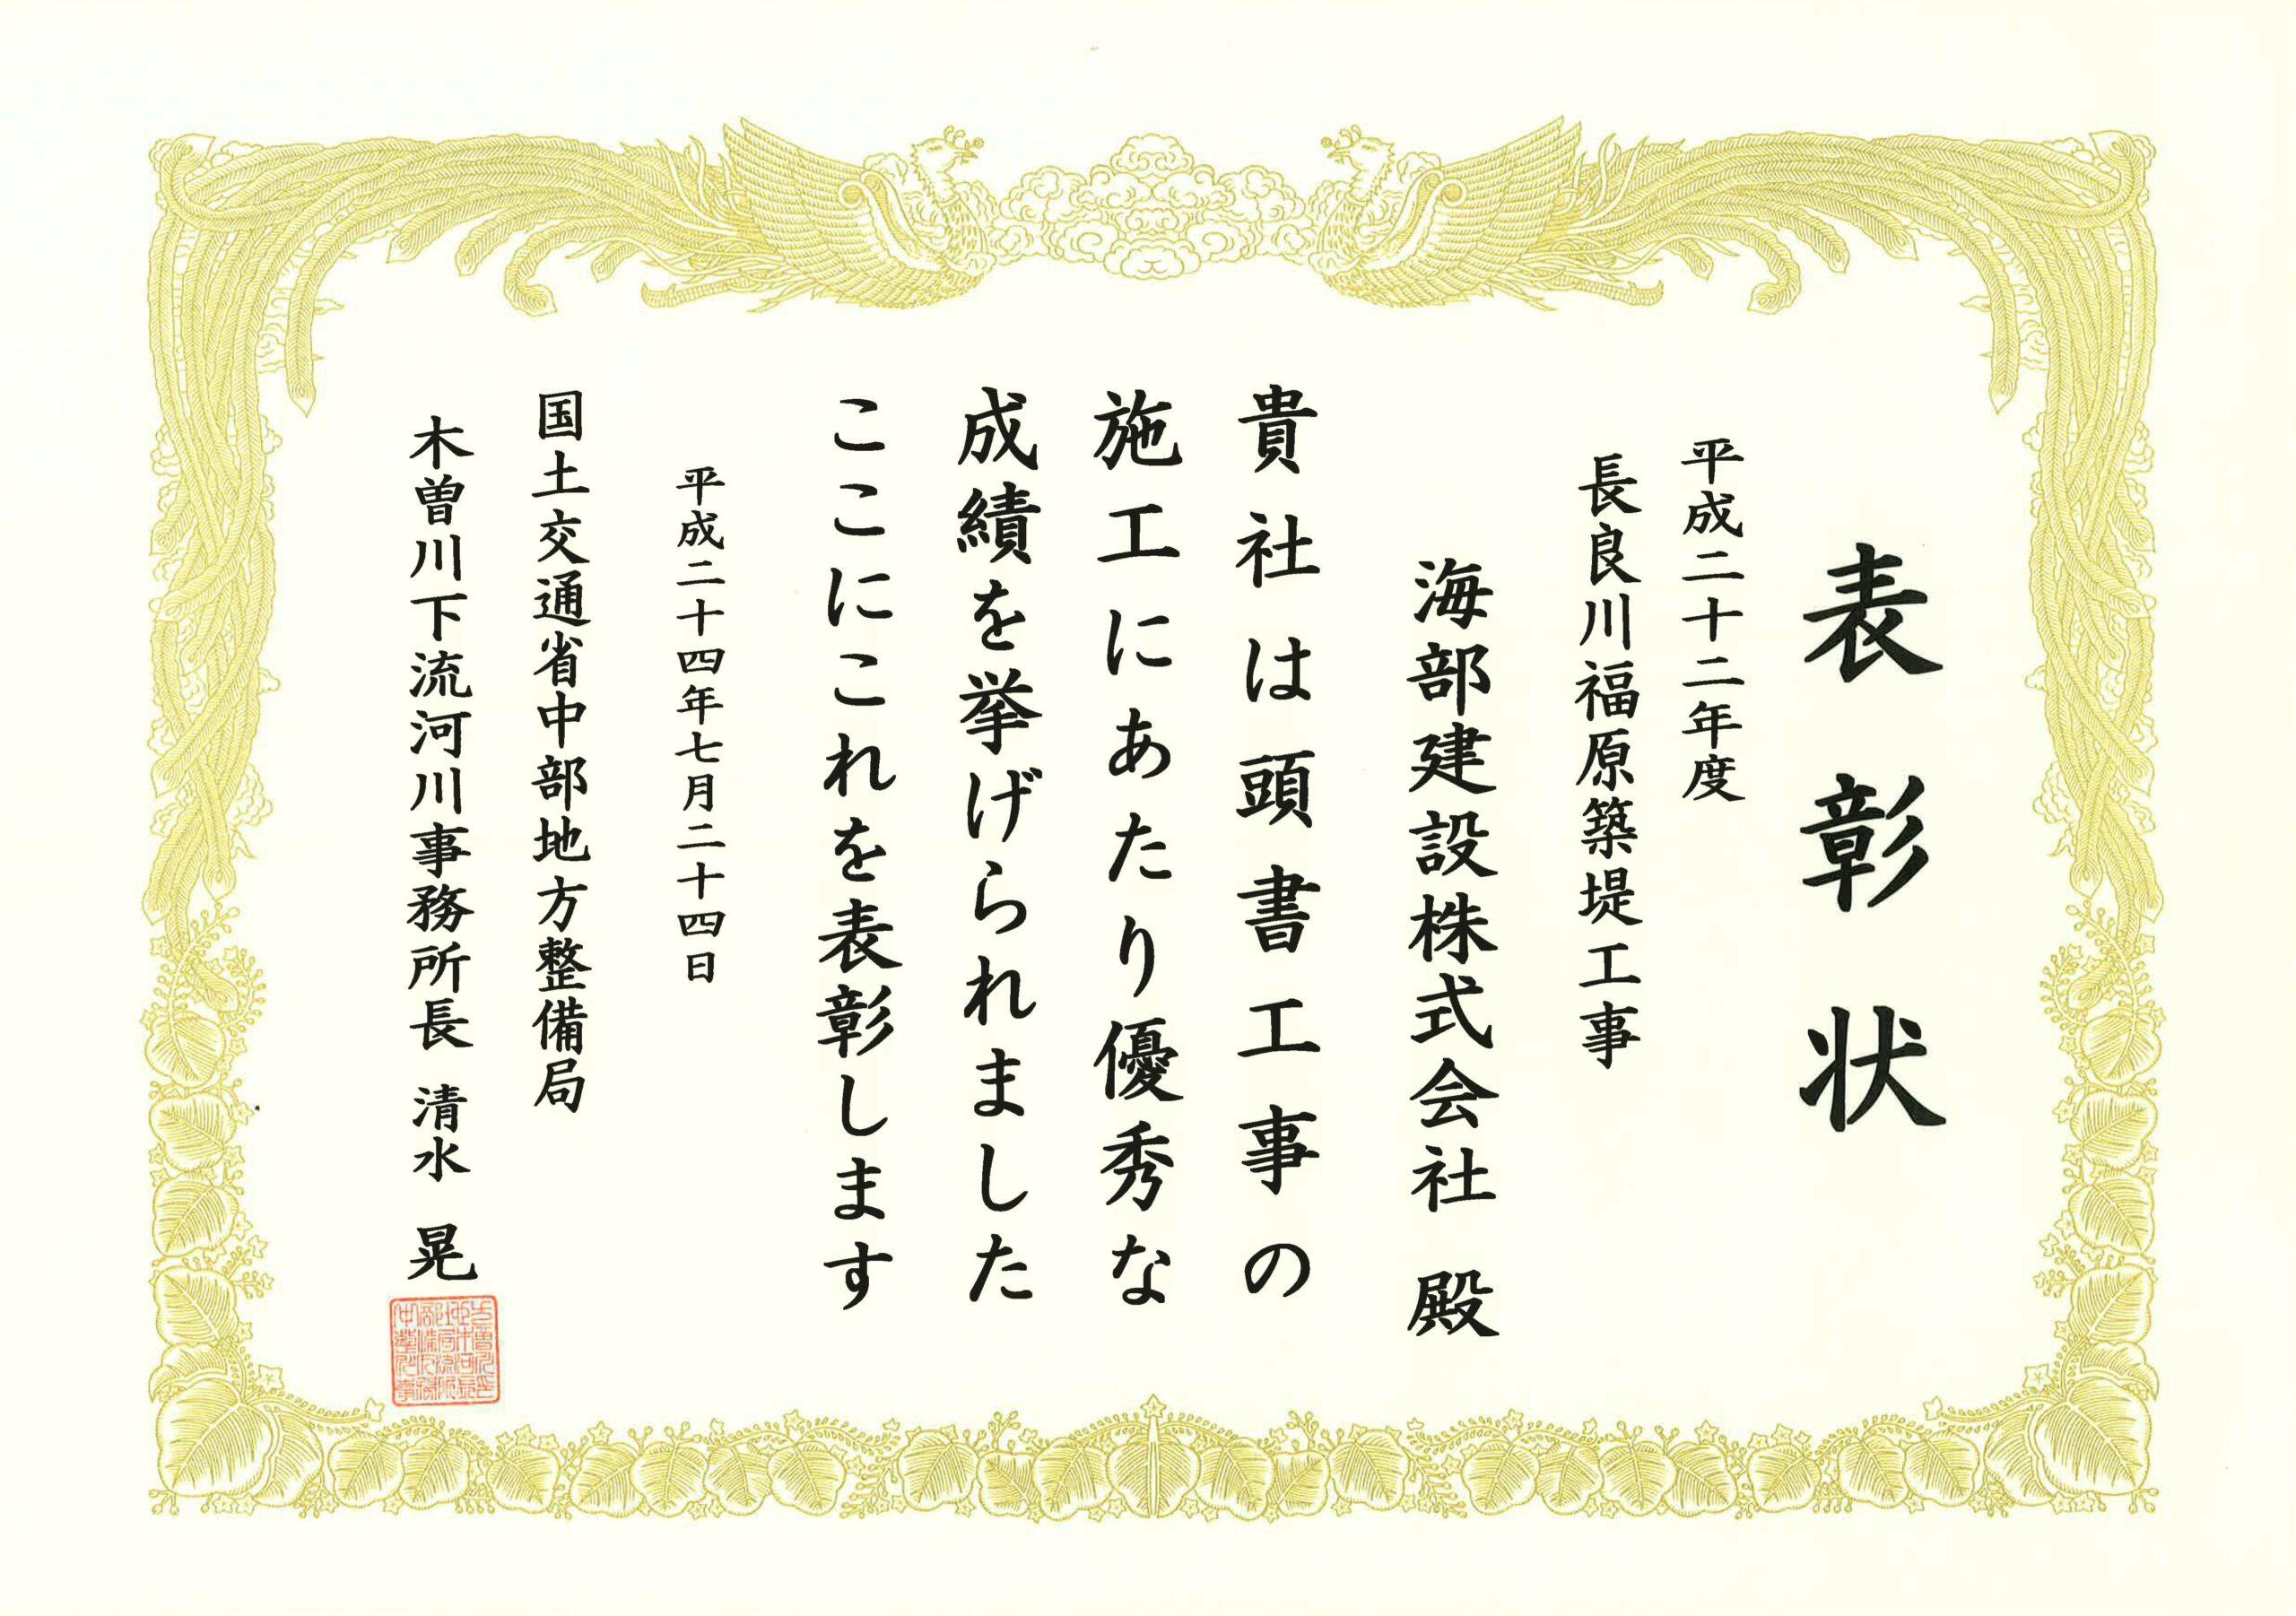 海部建設株式会社の優良工事表彰(平成22年度 長良川福原築堤工事)